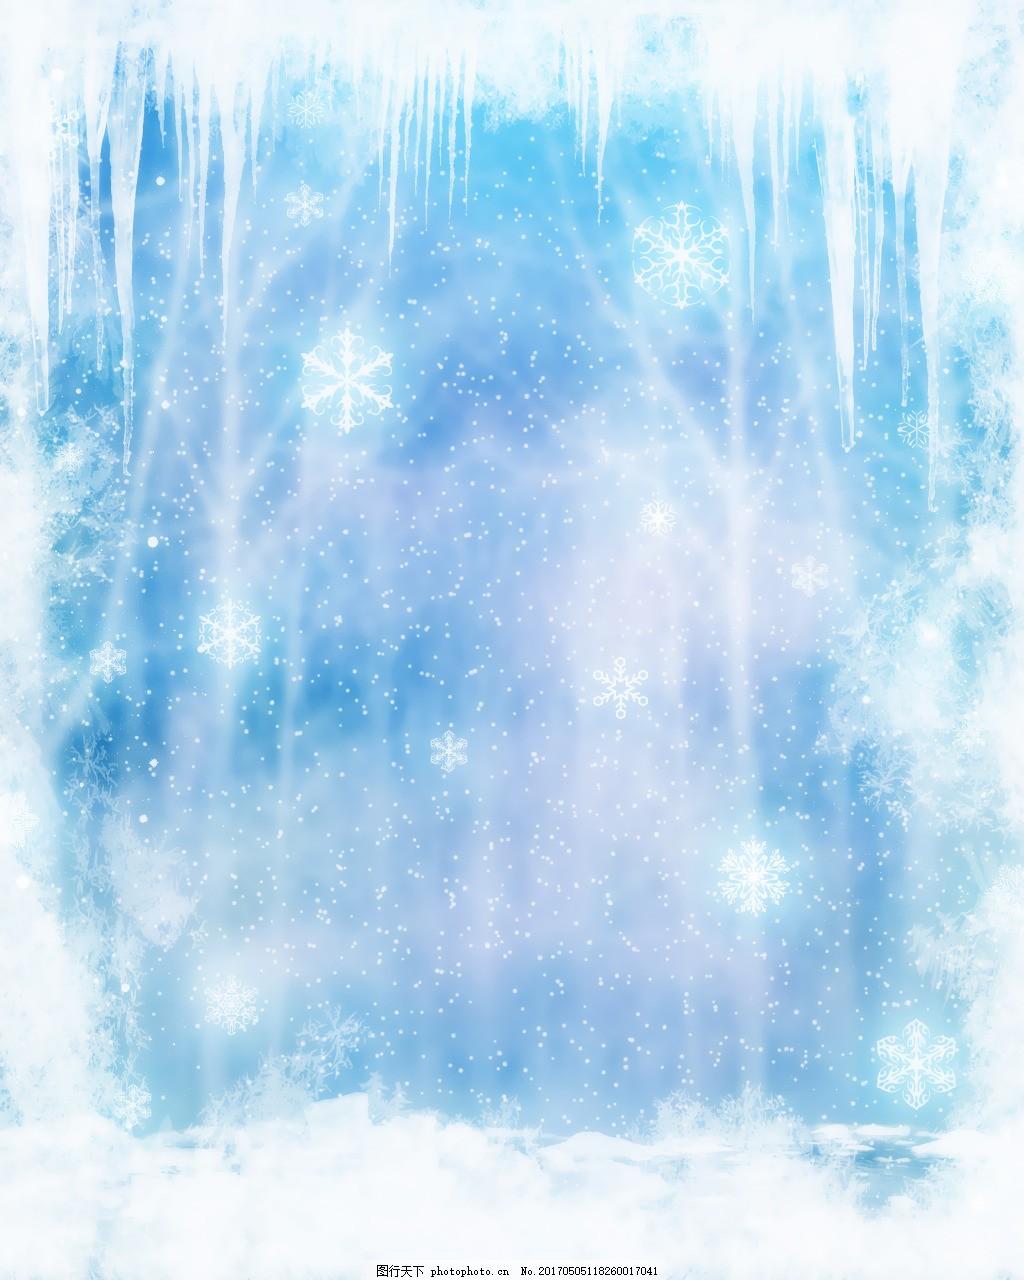 梦幻蓝色雪花背景 唯美 手绘 蓝色 渐变 雪花 冰柱 边框 背景